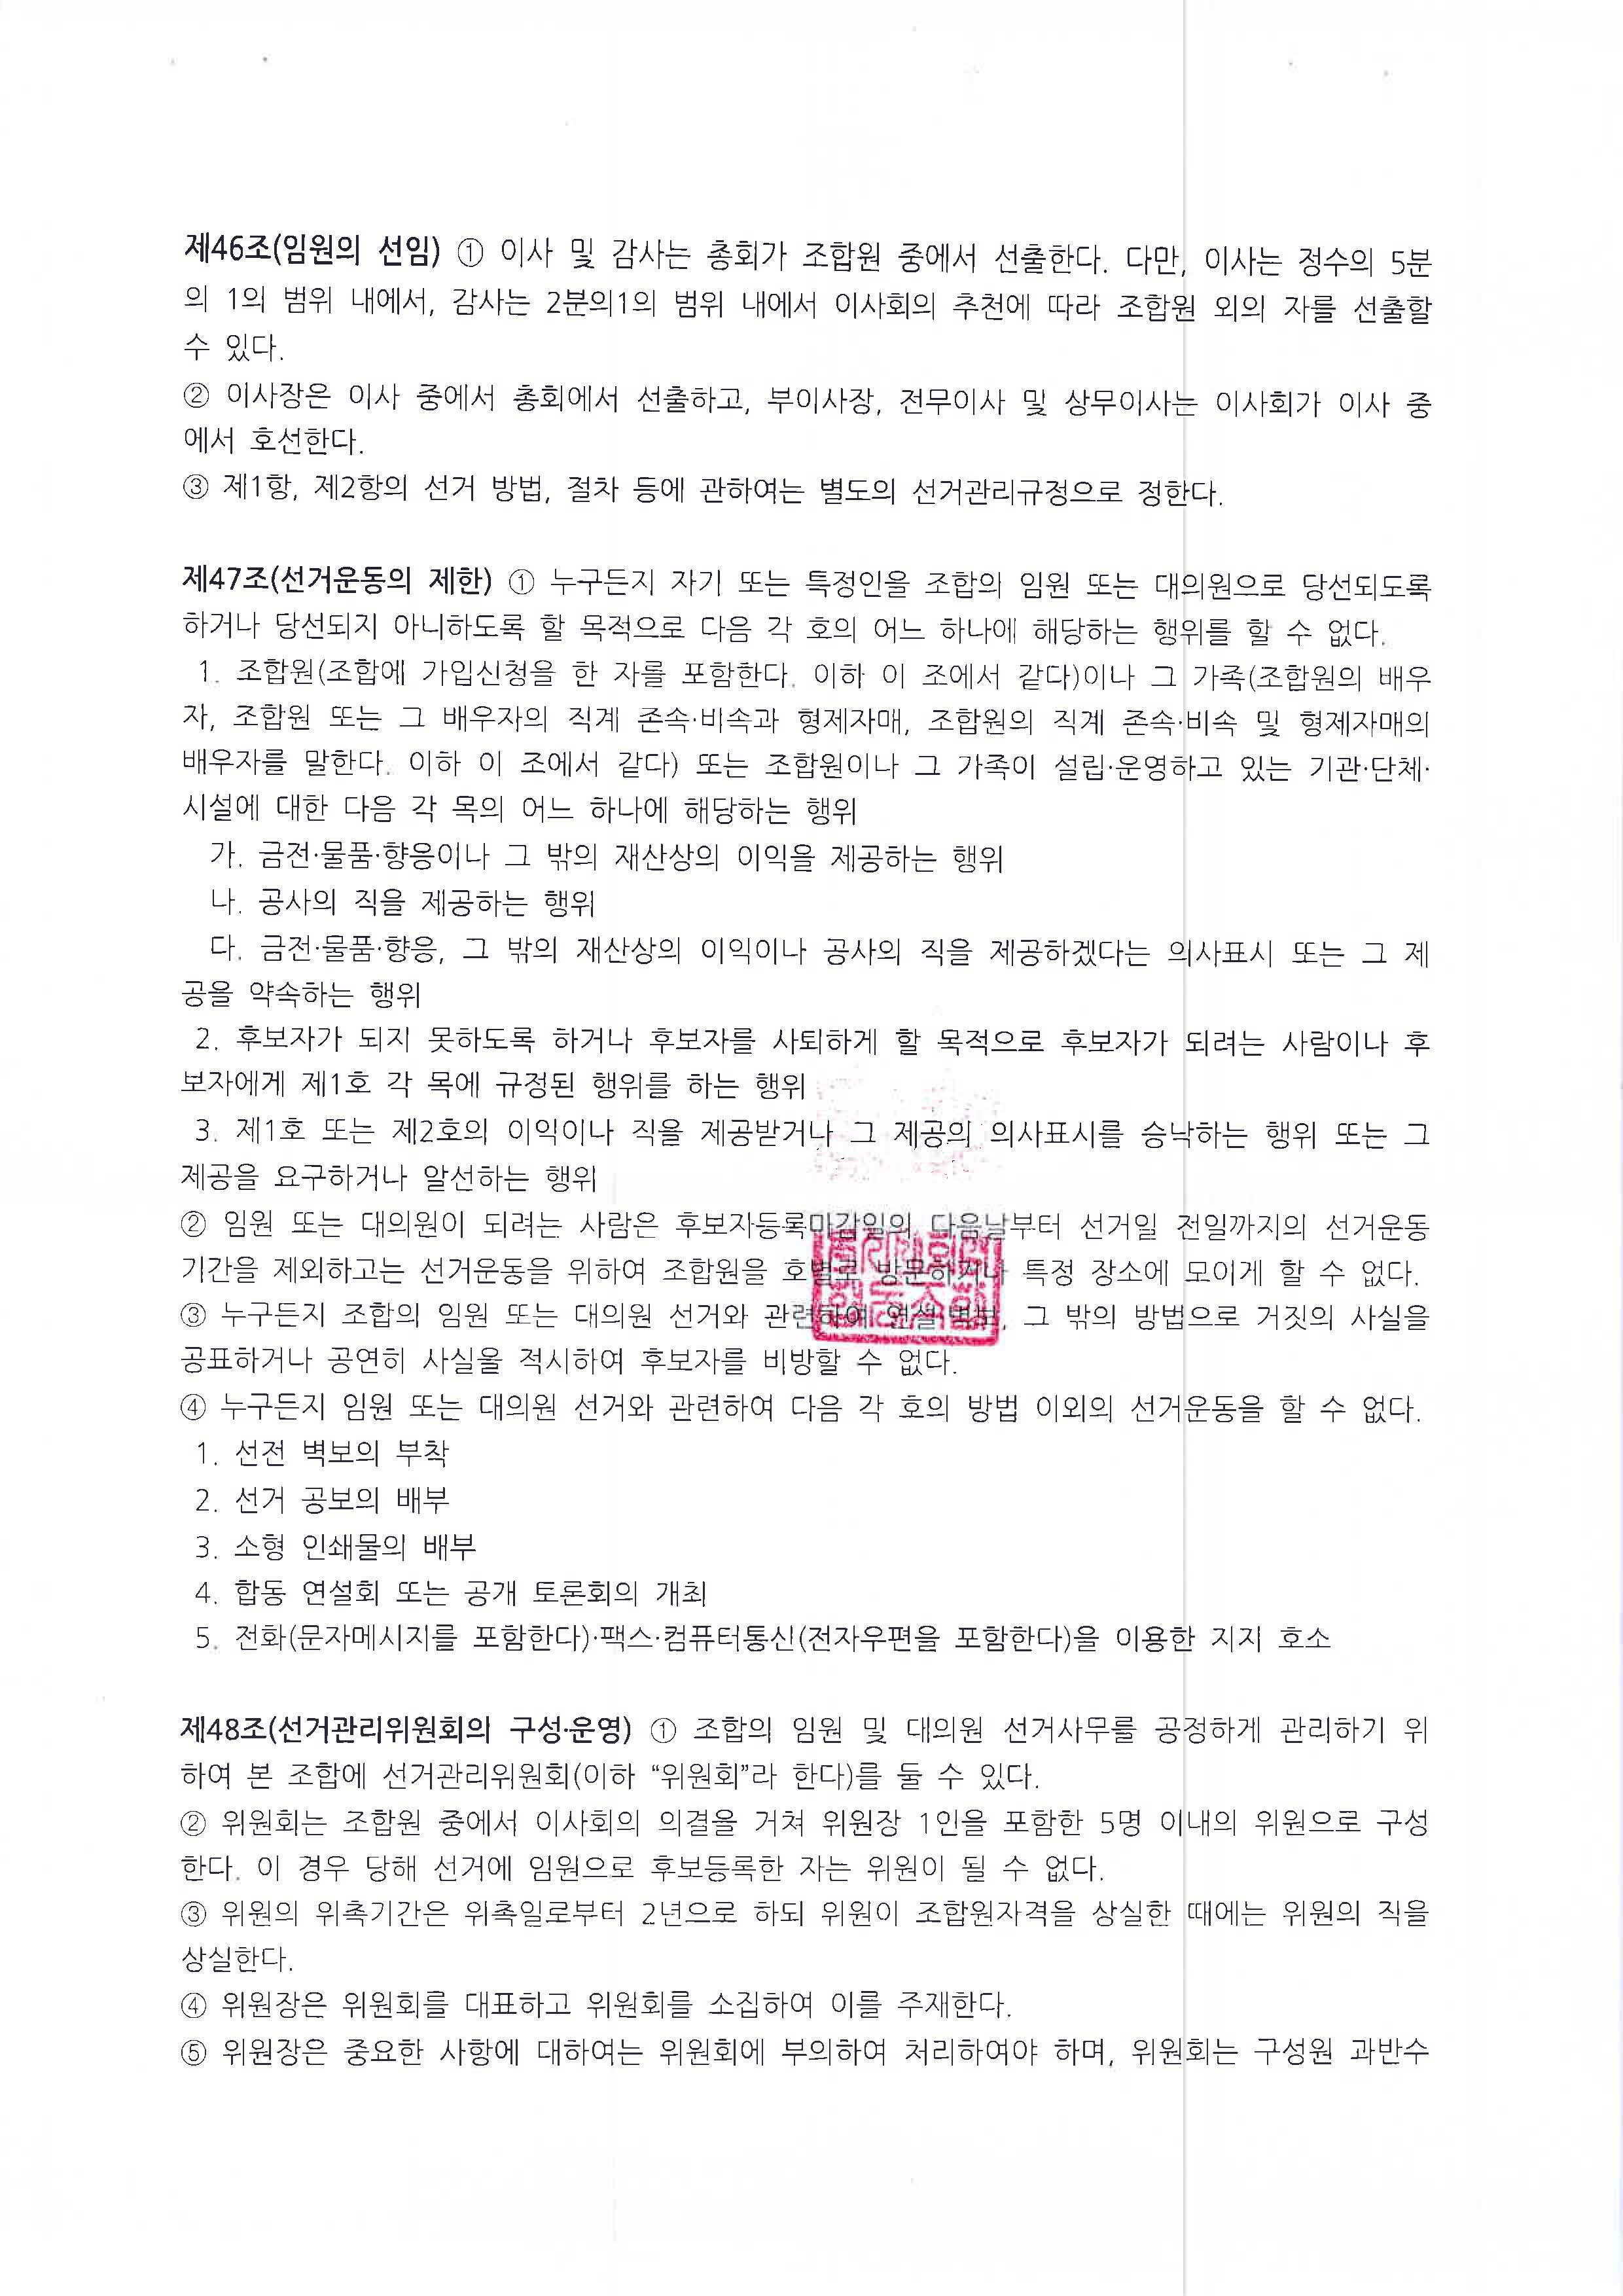 정관(20차 총회 개정안 반영)-원본대조필_페이지_11.jpg